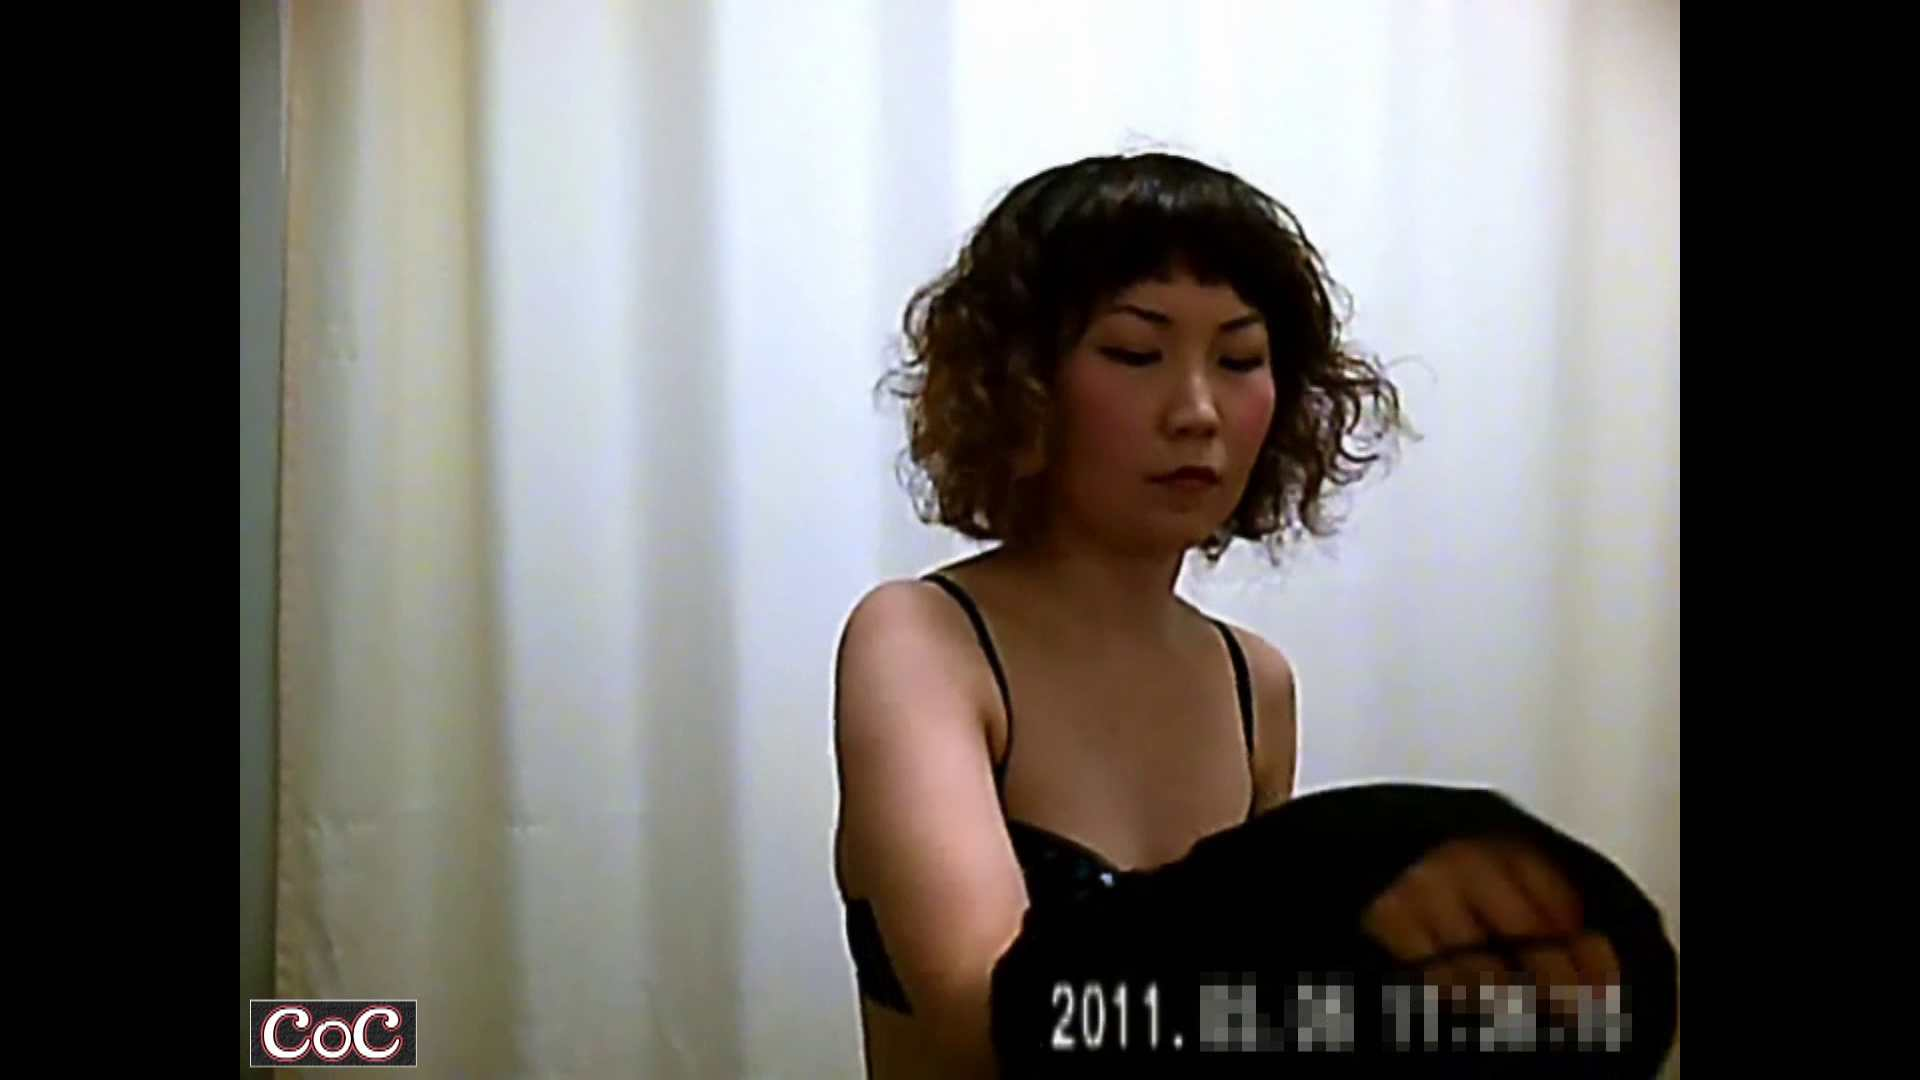 元医者による反抗 更衣室地獄絵巻 vol.152 OLハメ撮り  31Pix 12